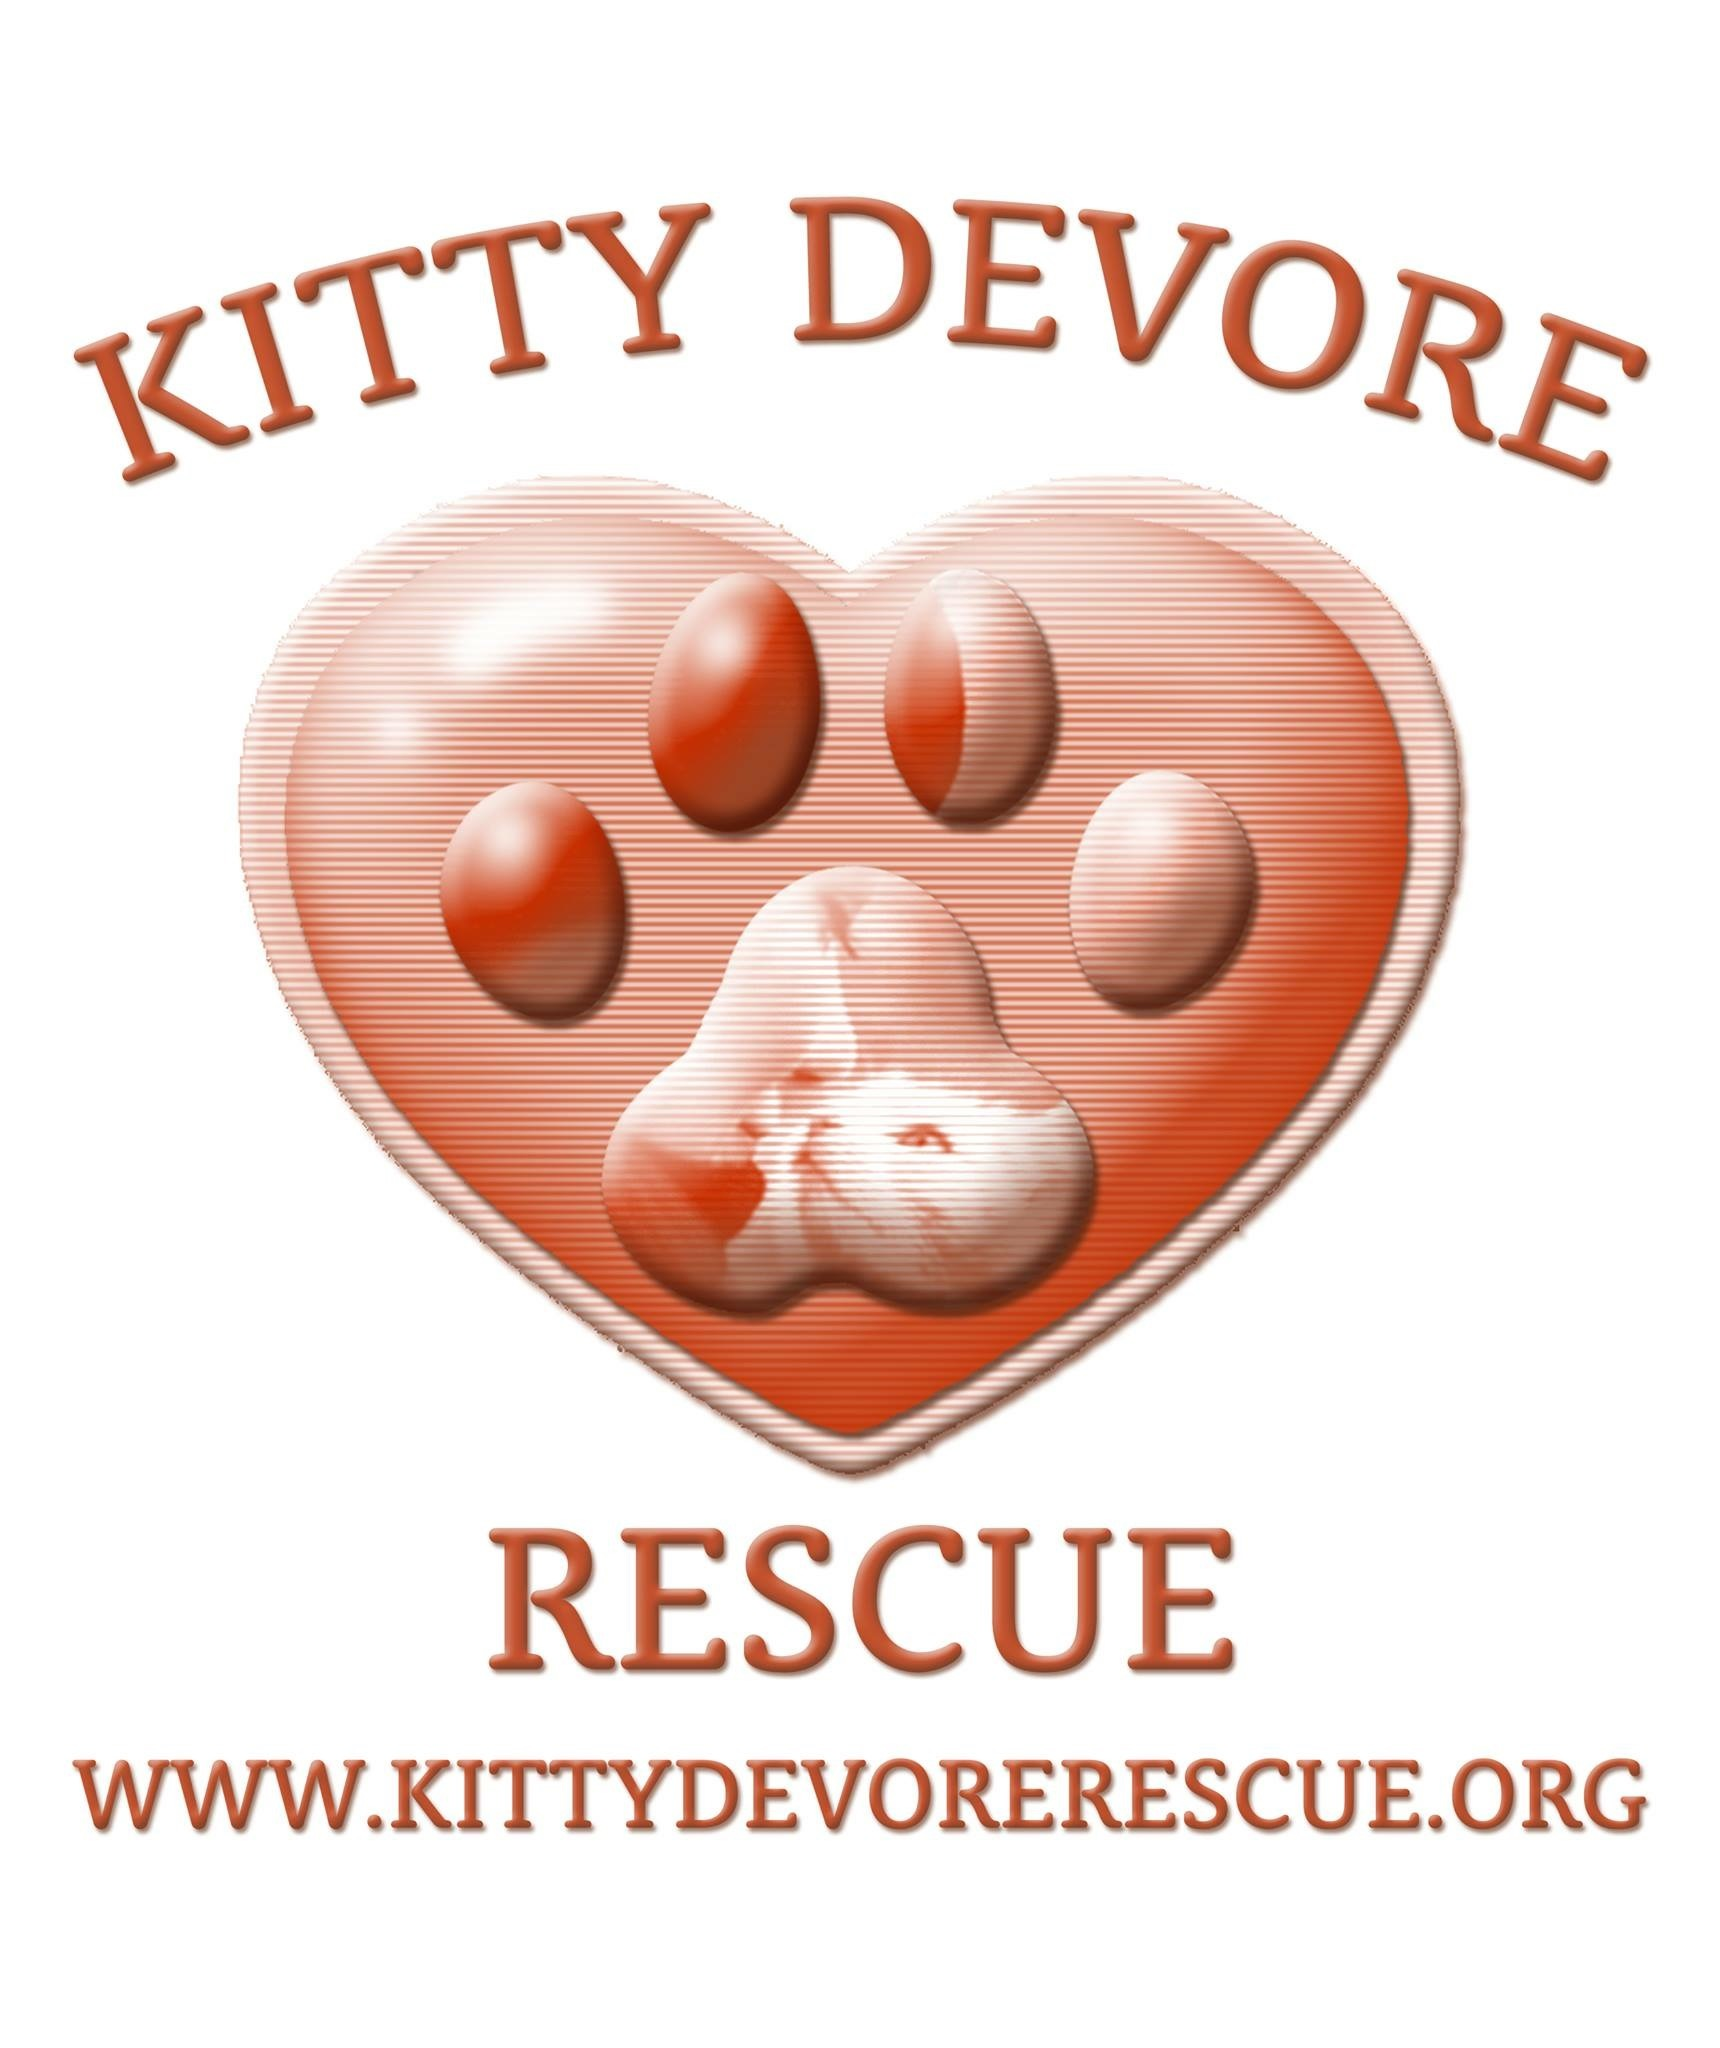 Kitty Devore Rescue